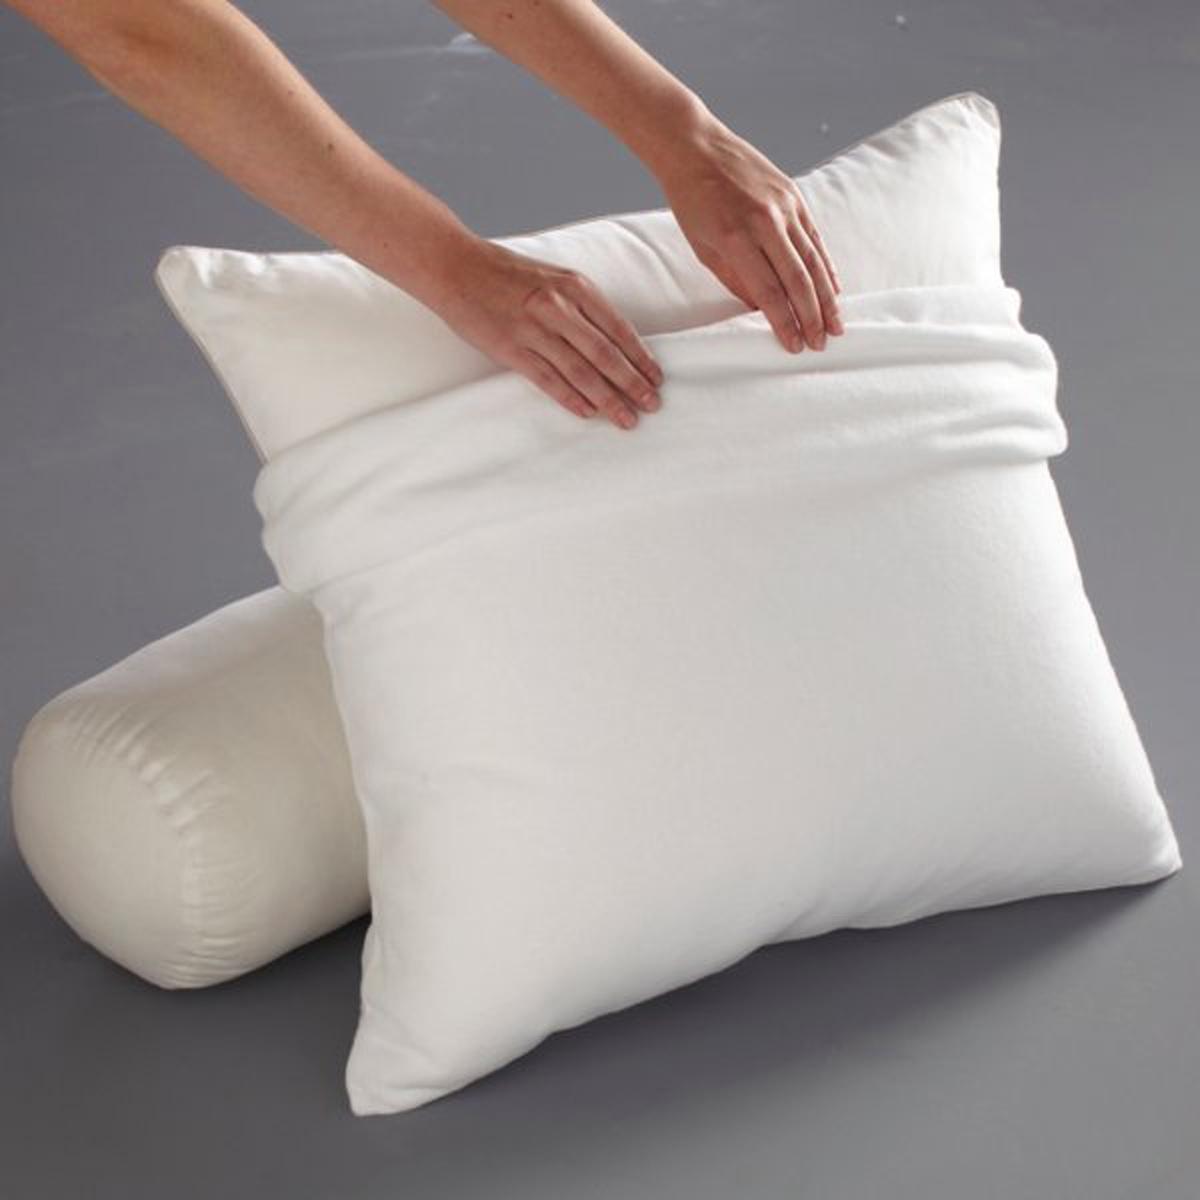 Чехол защитный для подушки из стретч-мольтонаЗащитный чехол для подушки из стретч-мольтона (прочесанного и стриженного), 80% хлопка, 20% полиэстера (220 г/м?).Пропитка Proneem® против клещей, безвредная и экологически чистая, на растительной основе (лимон, лаванда и эвкалипт).Уход:Стирка при 60°С.Размеры:50 x 70 см.63 x 63 см.Качество BEST.<br><br>Цвет: белый<br>Размер: 63 x 63  см